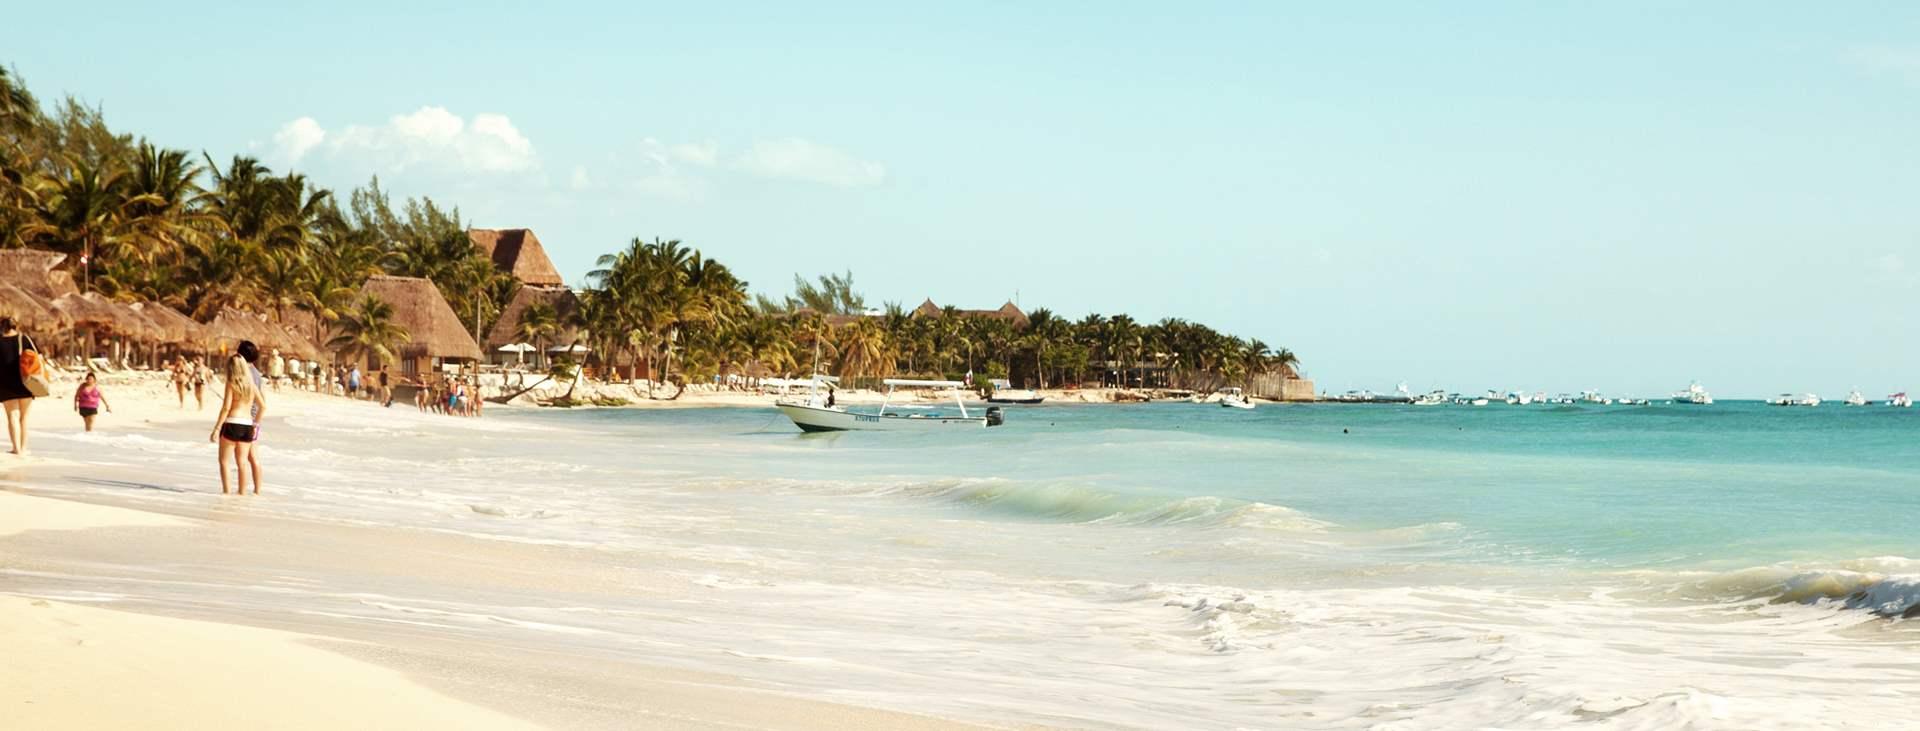 Varaa matkasi Tjäreborgilta Playa del Carmeniin, Meksikoon